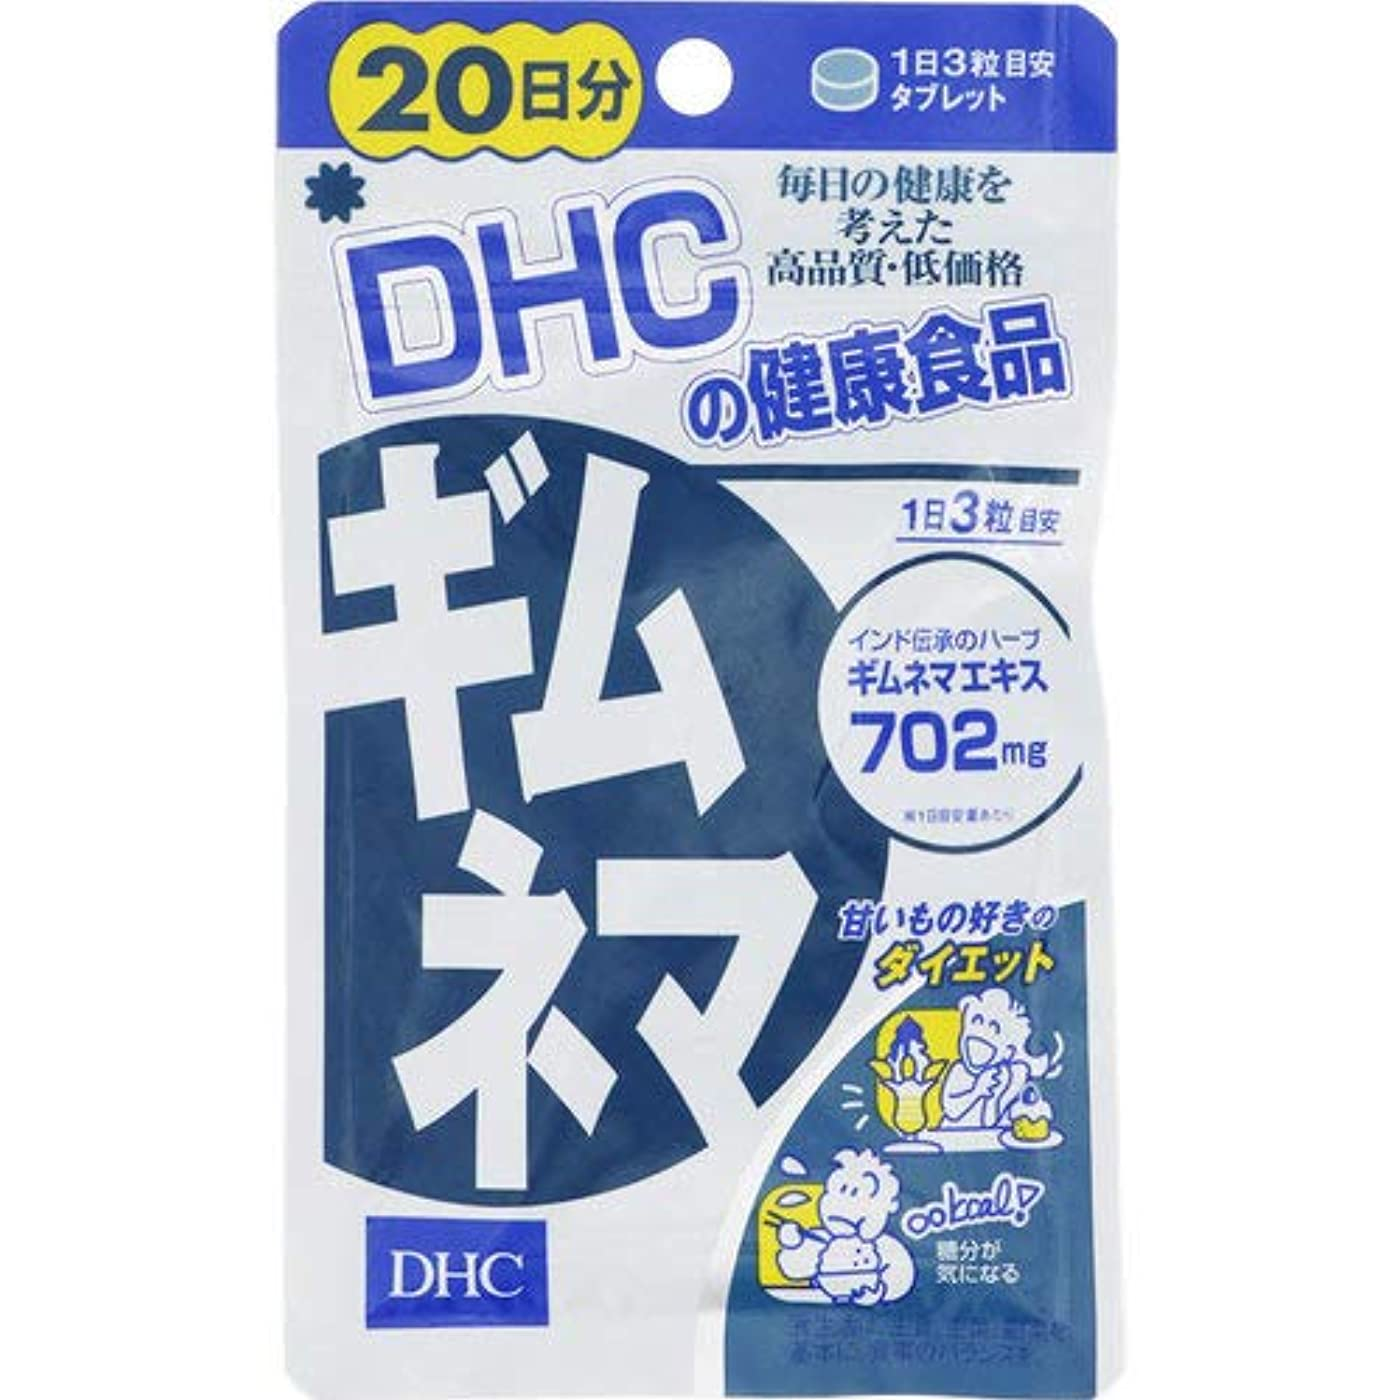 れる代表【DHC】ギムネマ 20日分 (60粒)